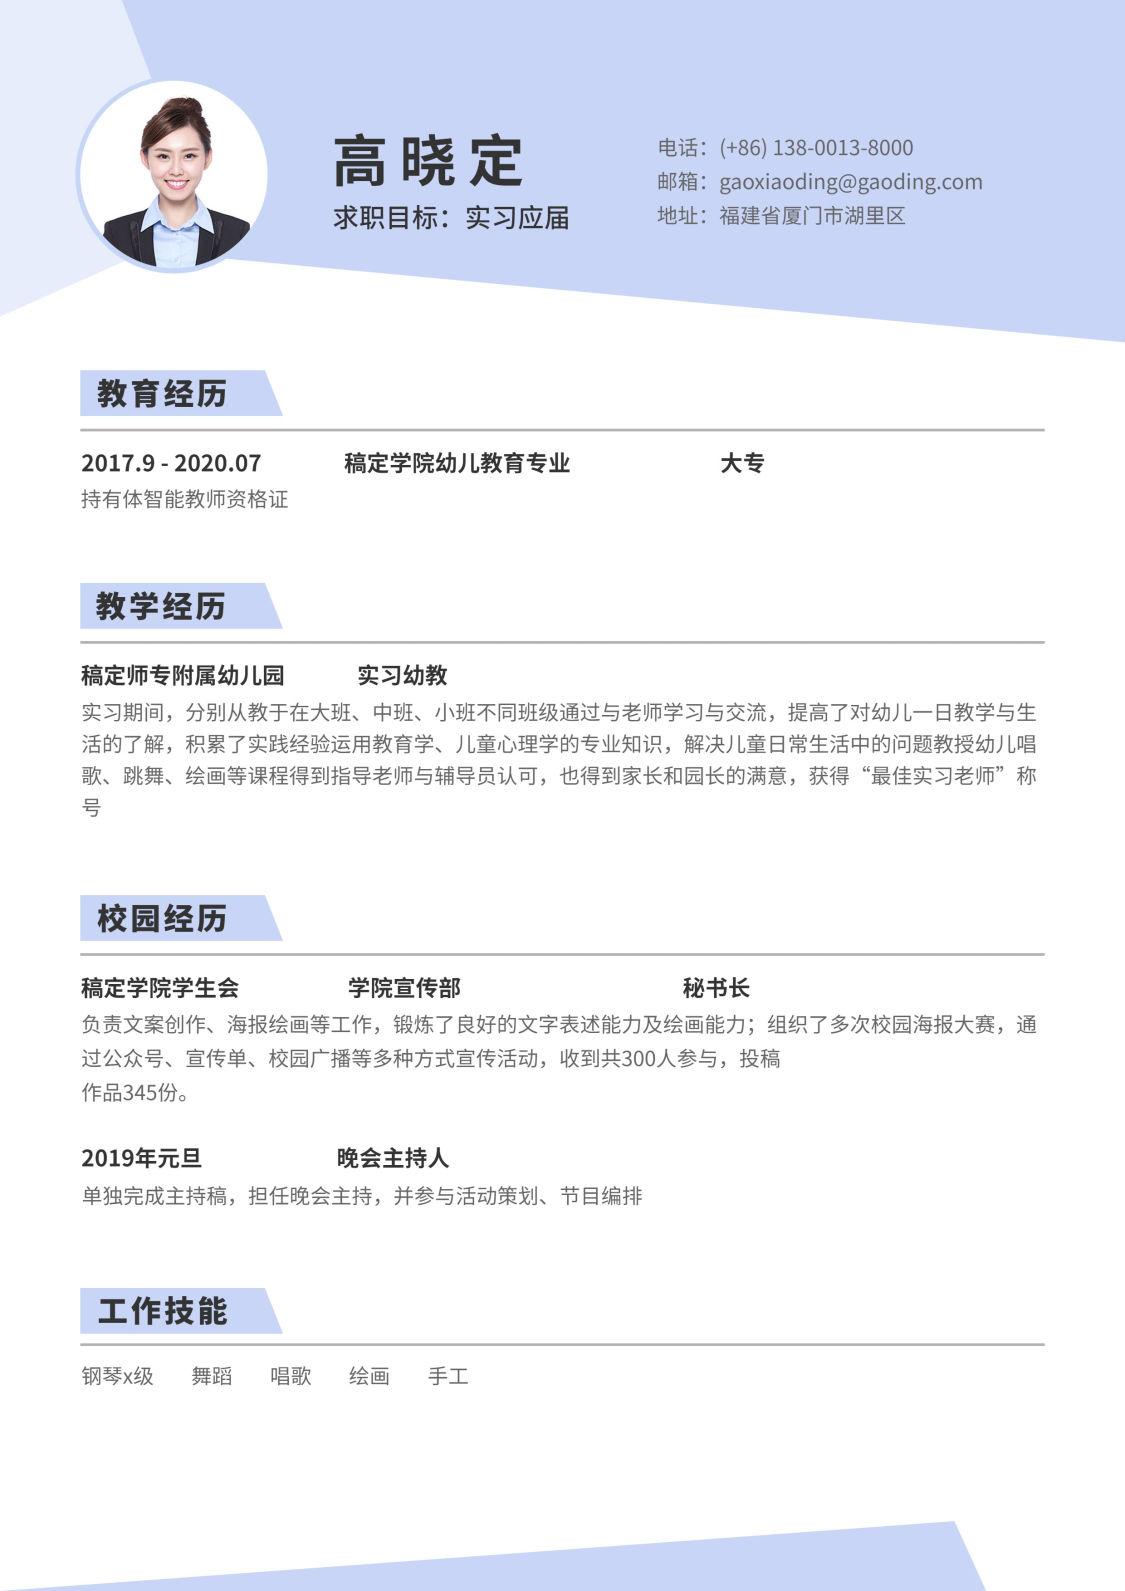 蓝紫扁平应届生幼师简历(实习经历)